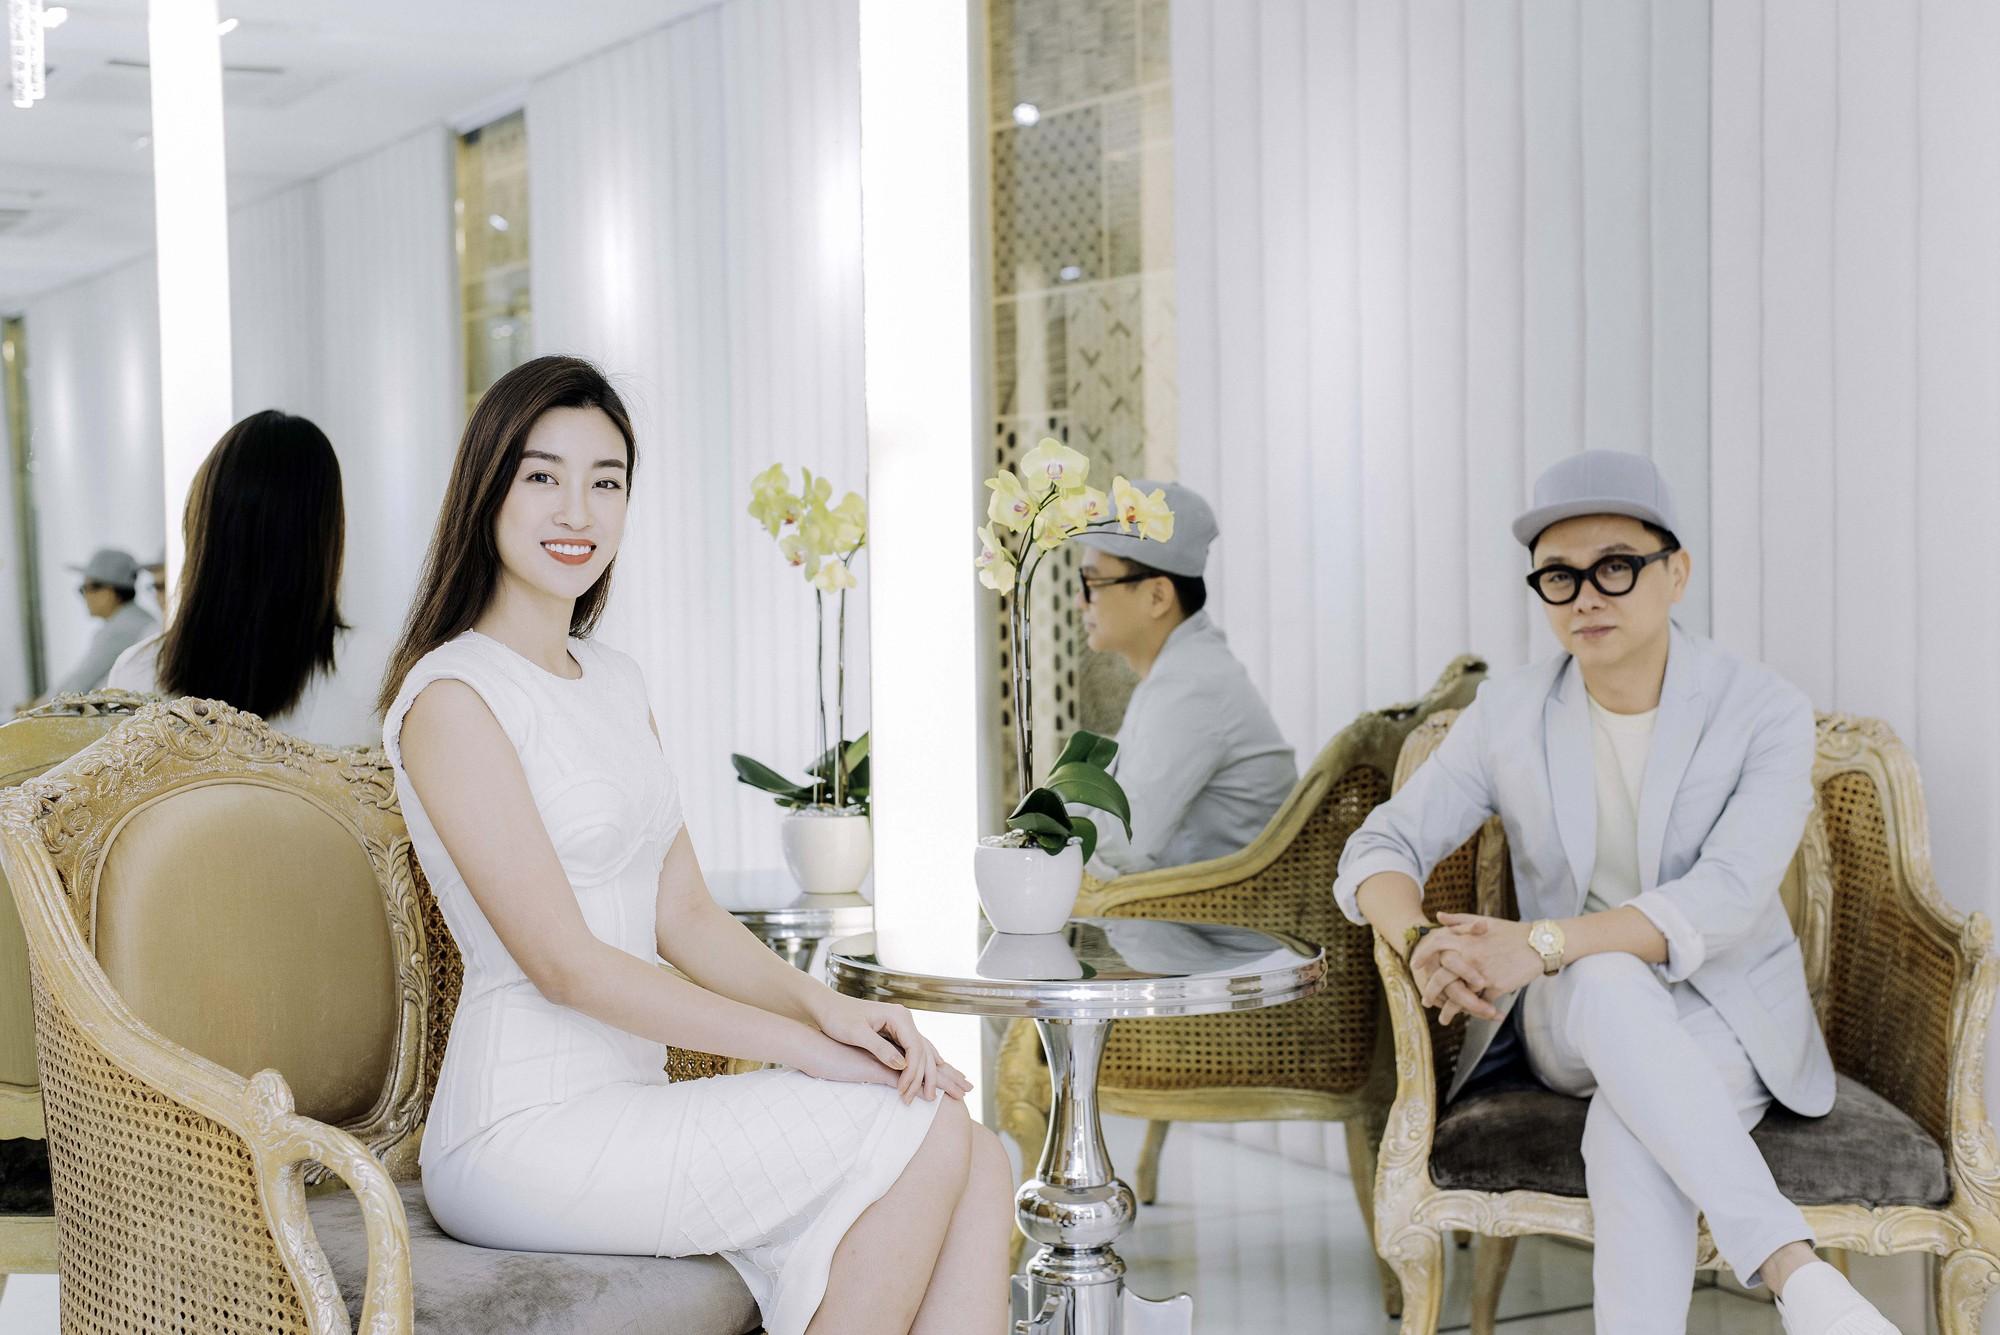 Đỗ Mỹ Linh, Jun Vũ, Quỳnh Anh Shyn cùng loạt sao tất bật lên đồ, chuẩn bị đọ sắc tại show của NTK Công Trí - Ảnh 6.